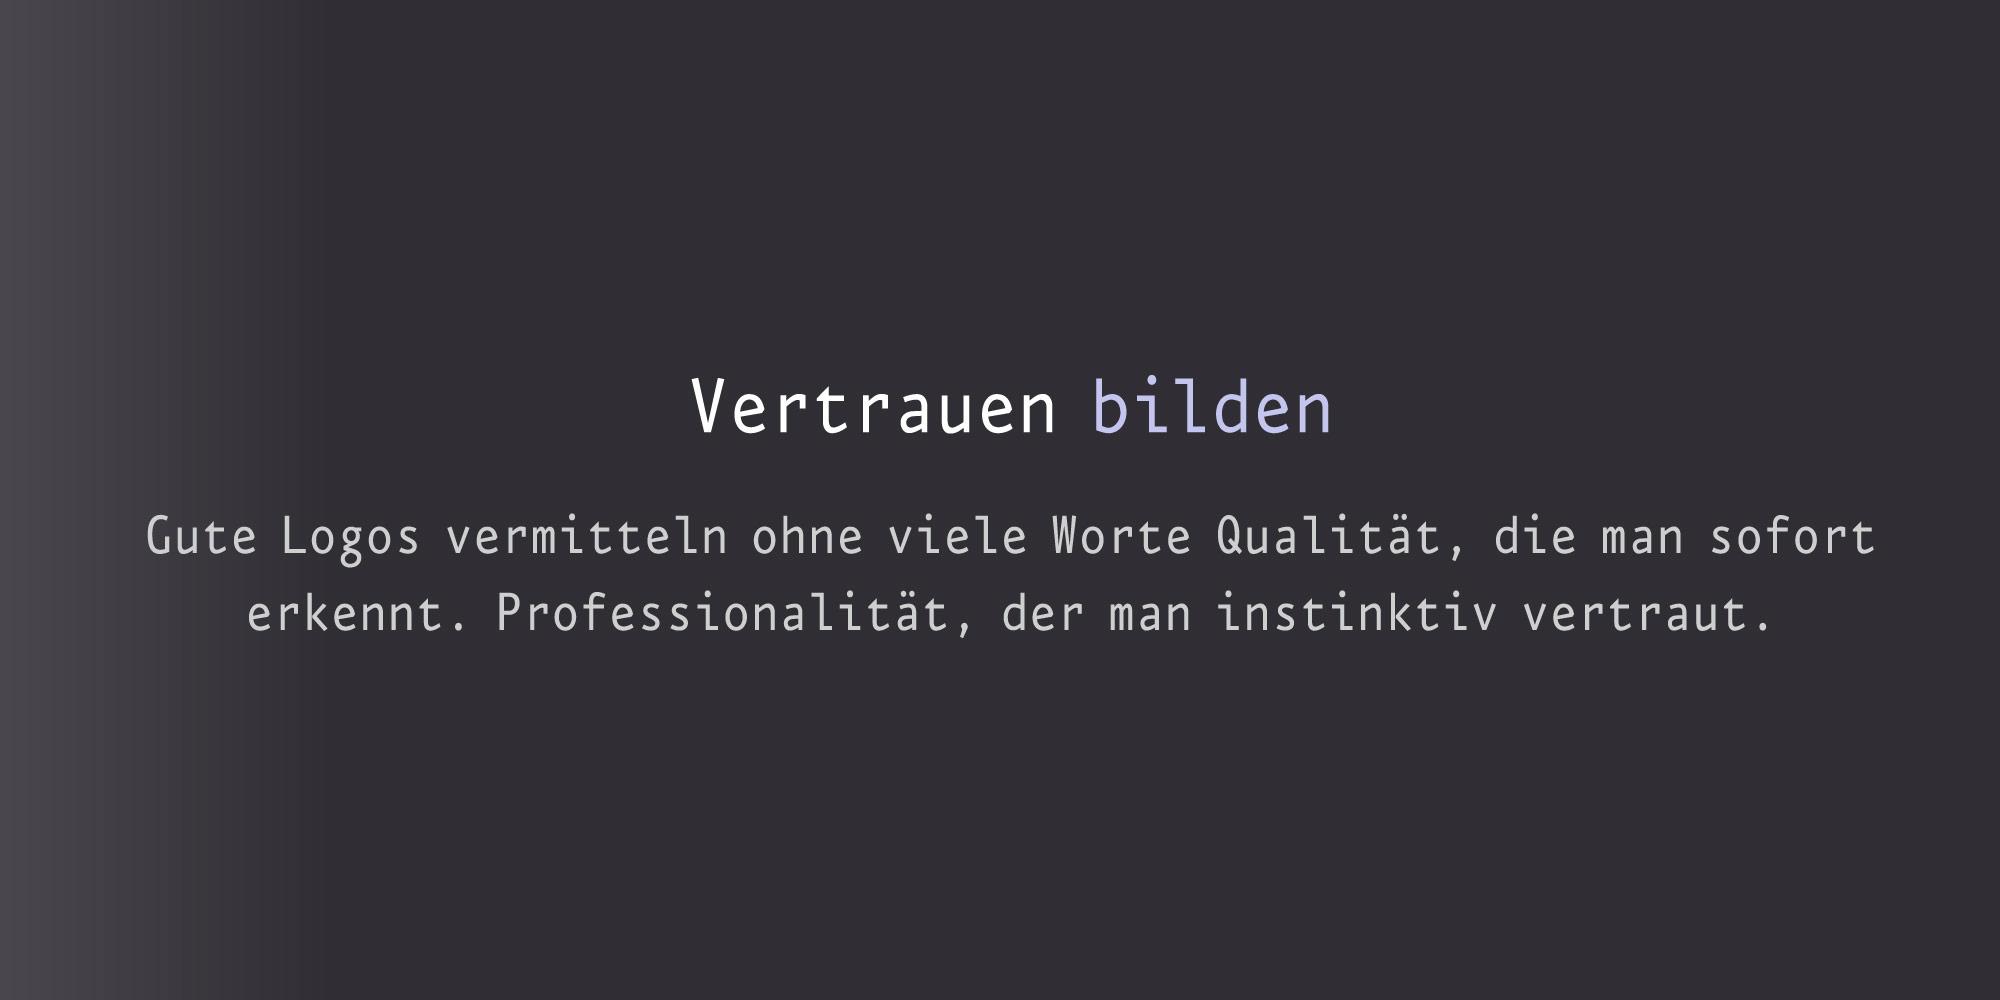 Logoagentur für Logos die Vertrauem bilden